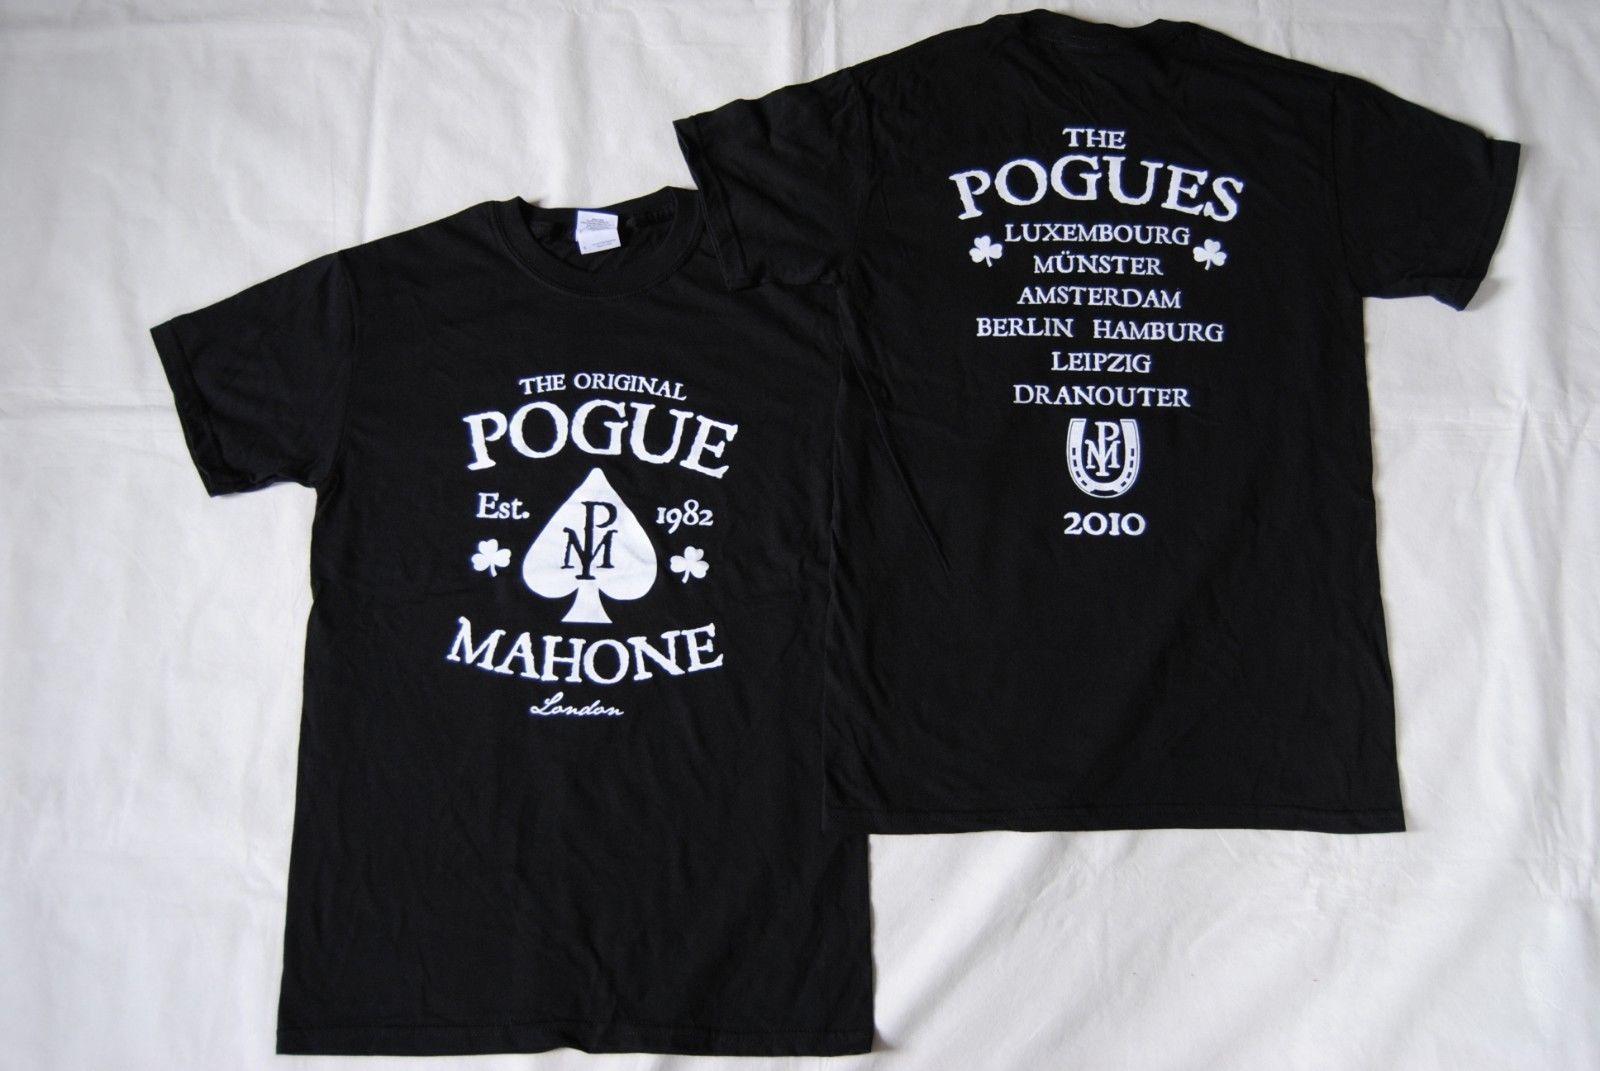 Las Pogues Est 1982 Original Pogue Mahone Tour 2010 nueva camiseta oficial rara Unisex camisetas